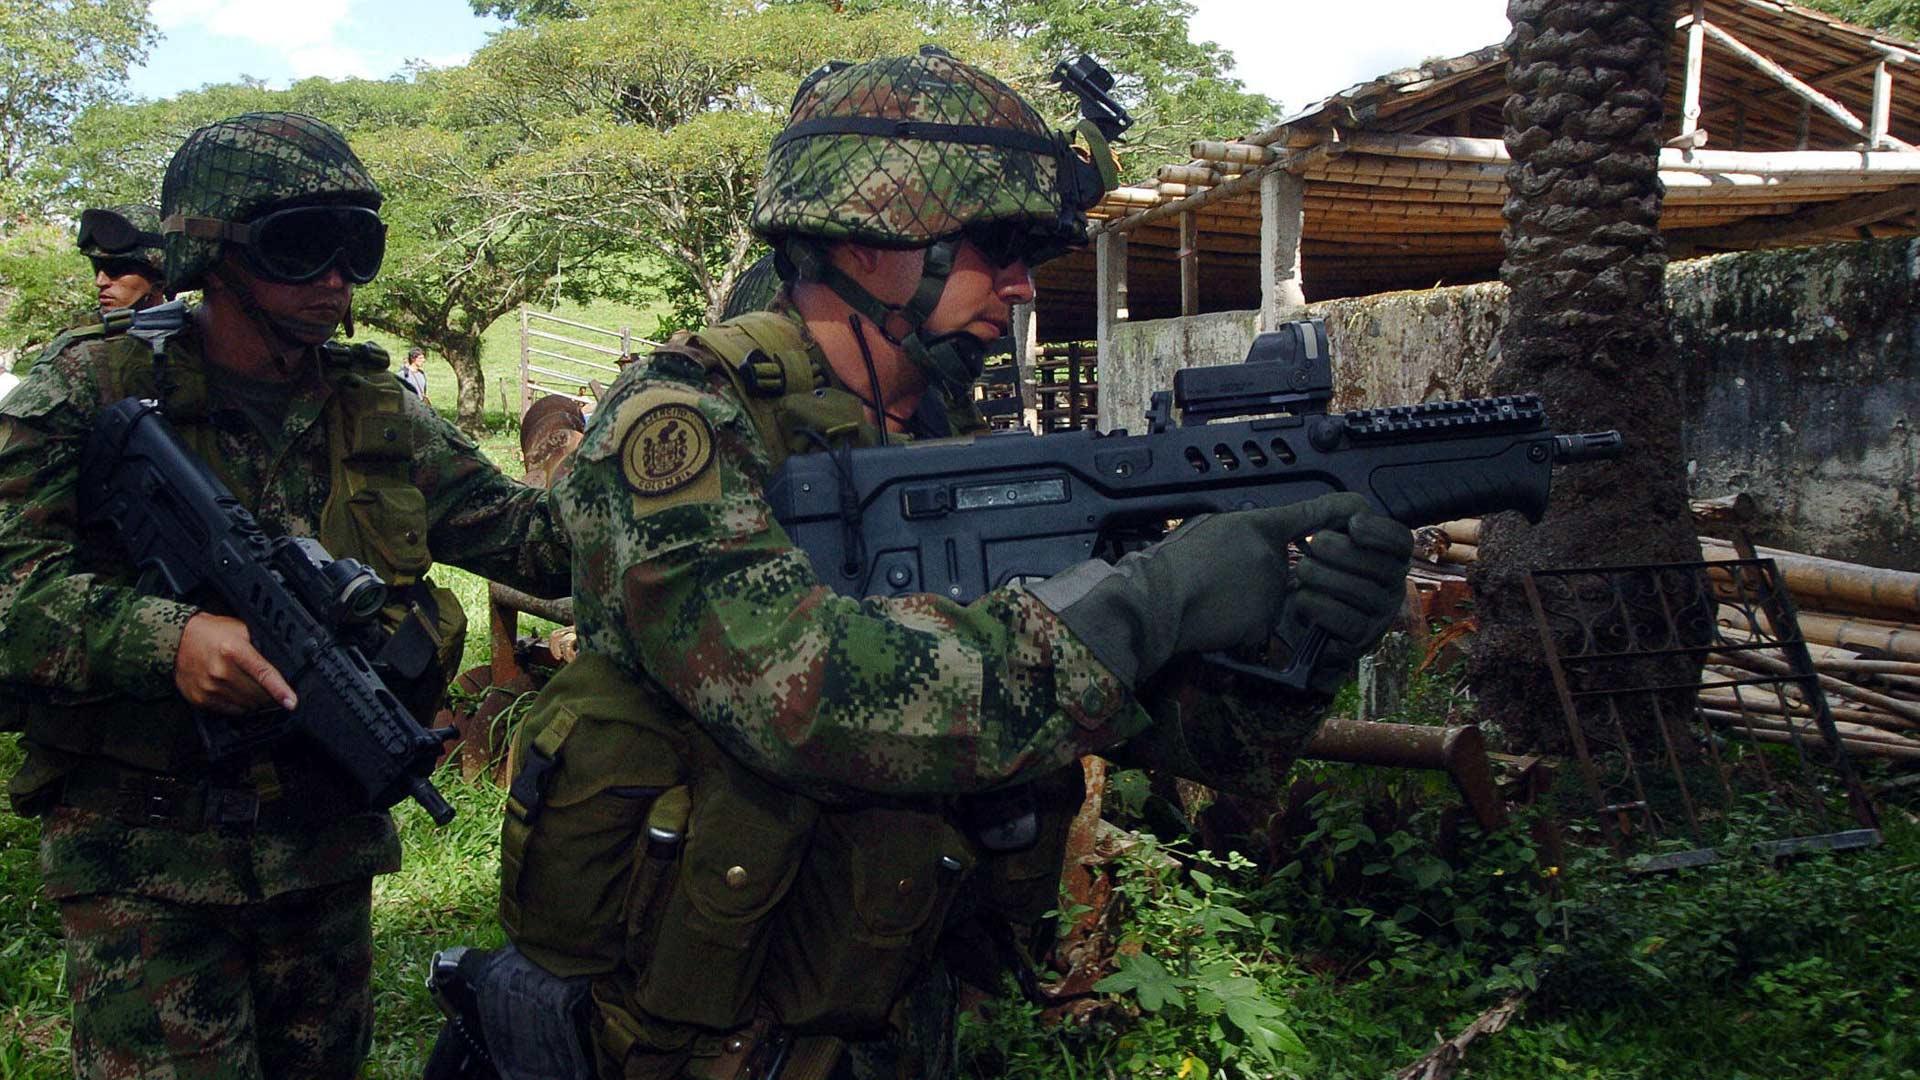 El gobierno colombiano y los guerrilleros discuten los últimos puntos del diálogo de paz, entre ellos el alto al fuego definitivo